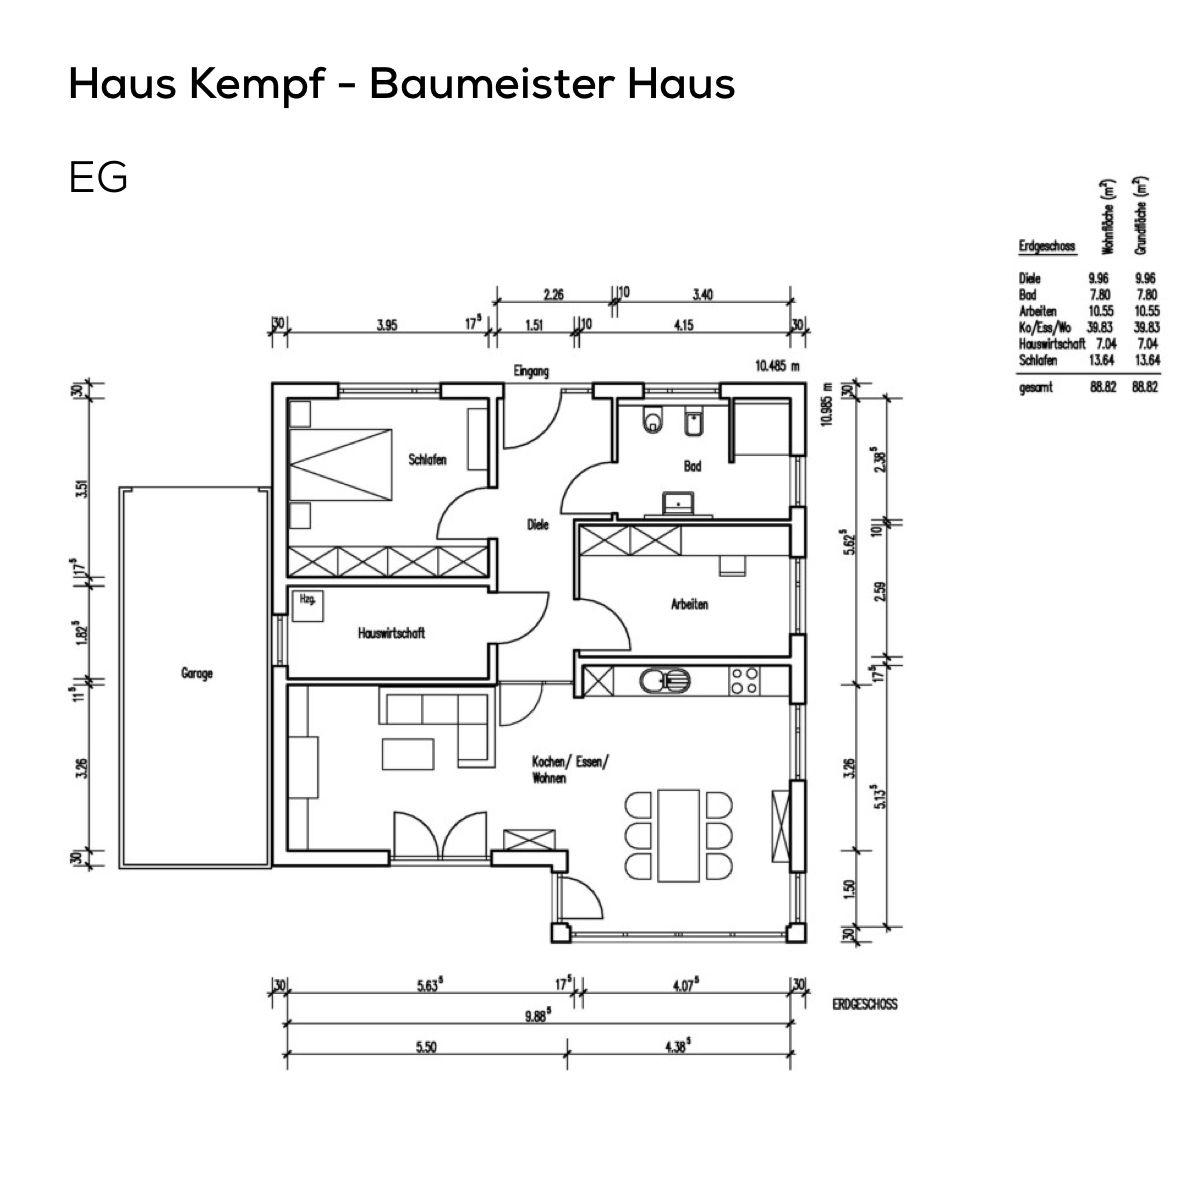 grundriss bungalow haus mit garage und pultdach 3 zimmer 90 qm wohnfl che erdgeschoss offen. Black Bedroom Furniture Sets. Home Design Ideas